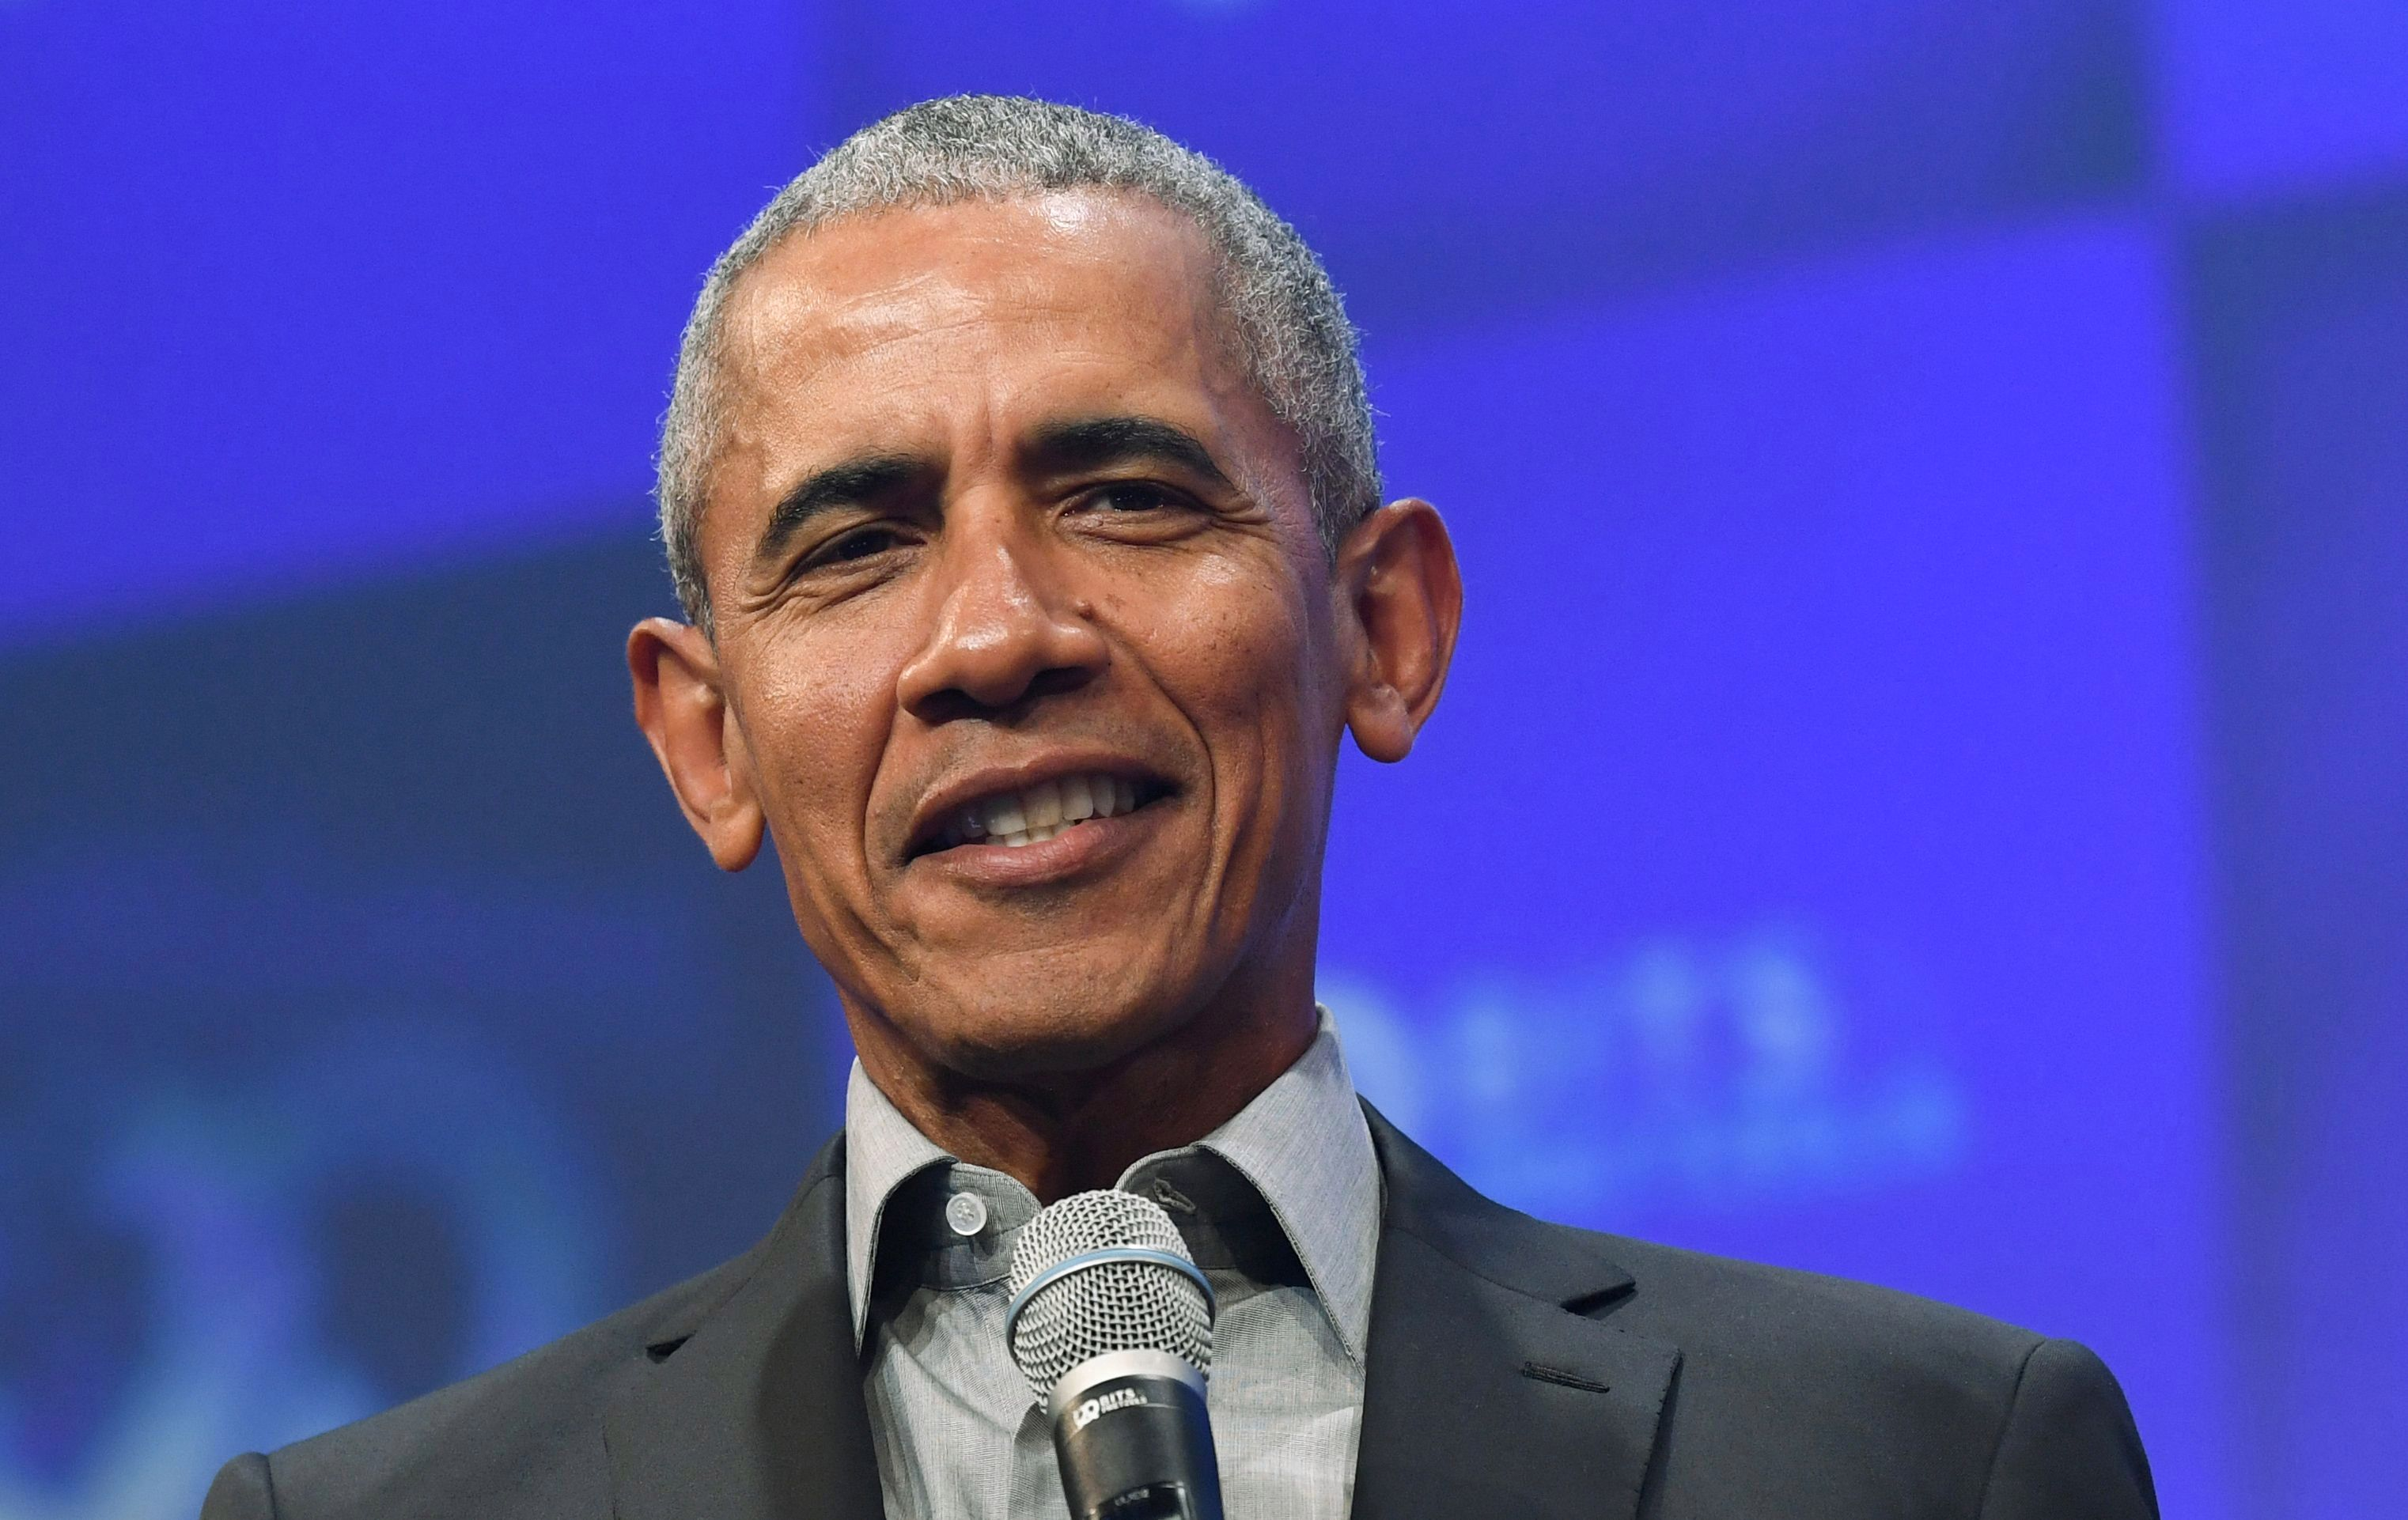 El ex presidente de los Estados Unidos, Barack Obama, fue una de las víctimas del ataque de Twitter del 15 de julio.